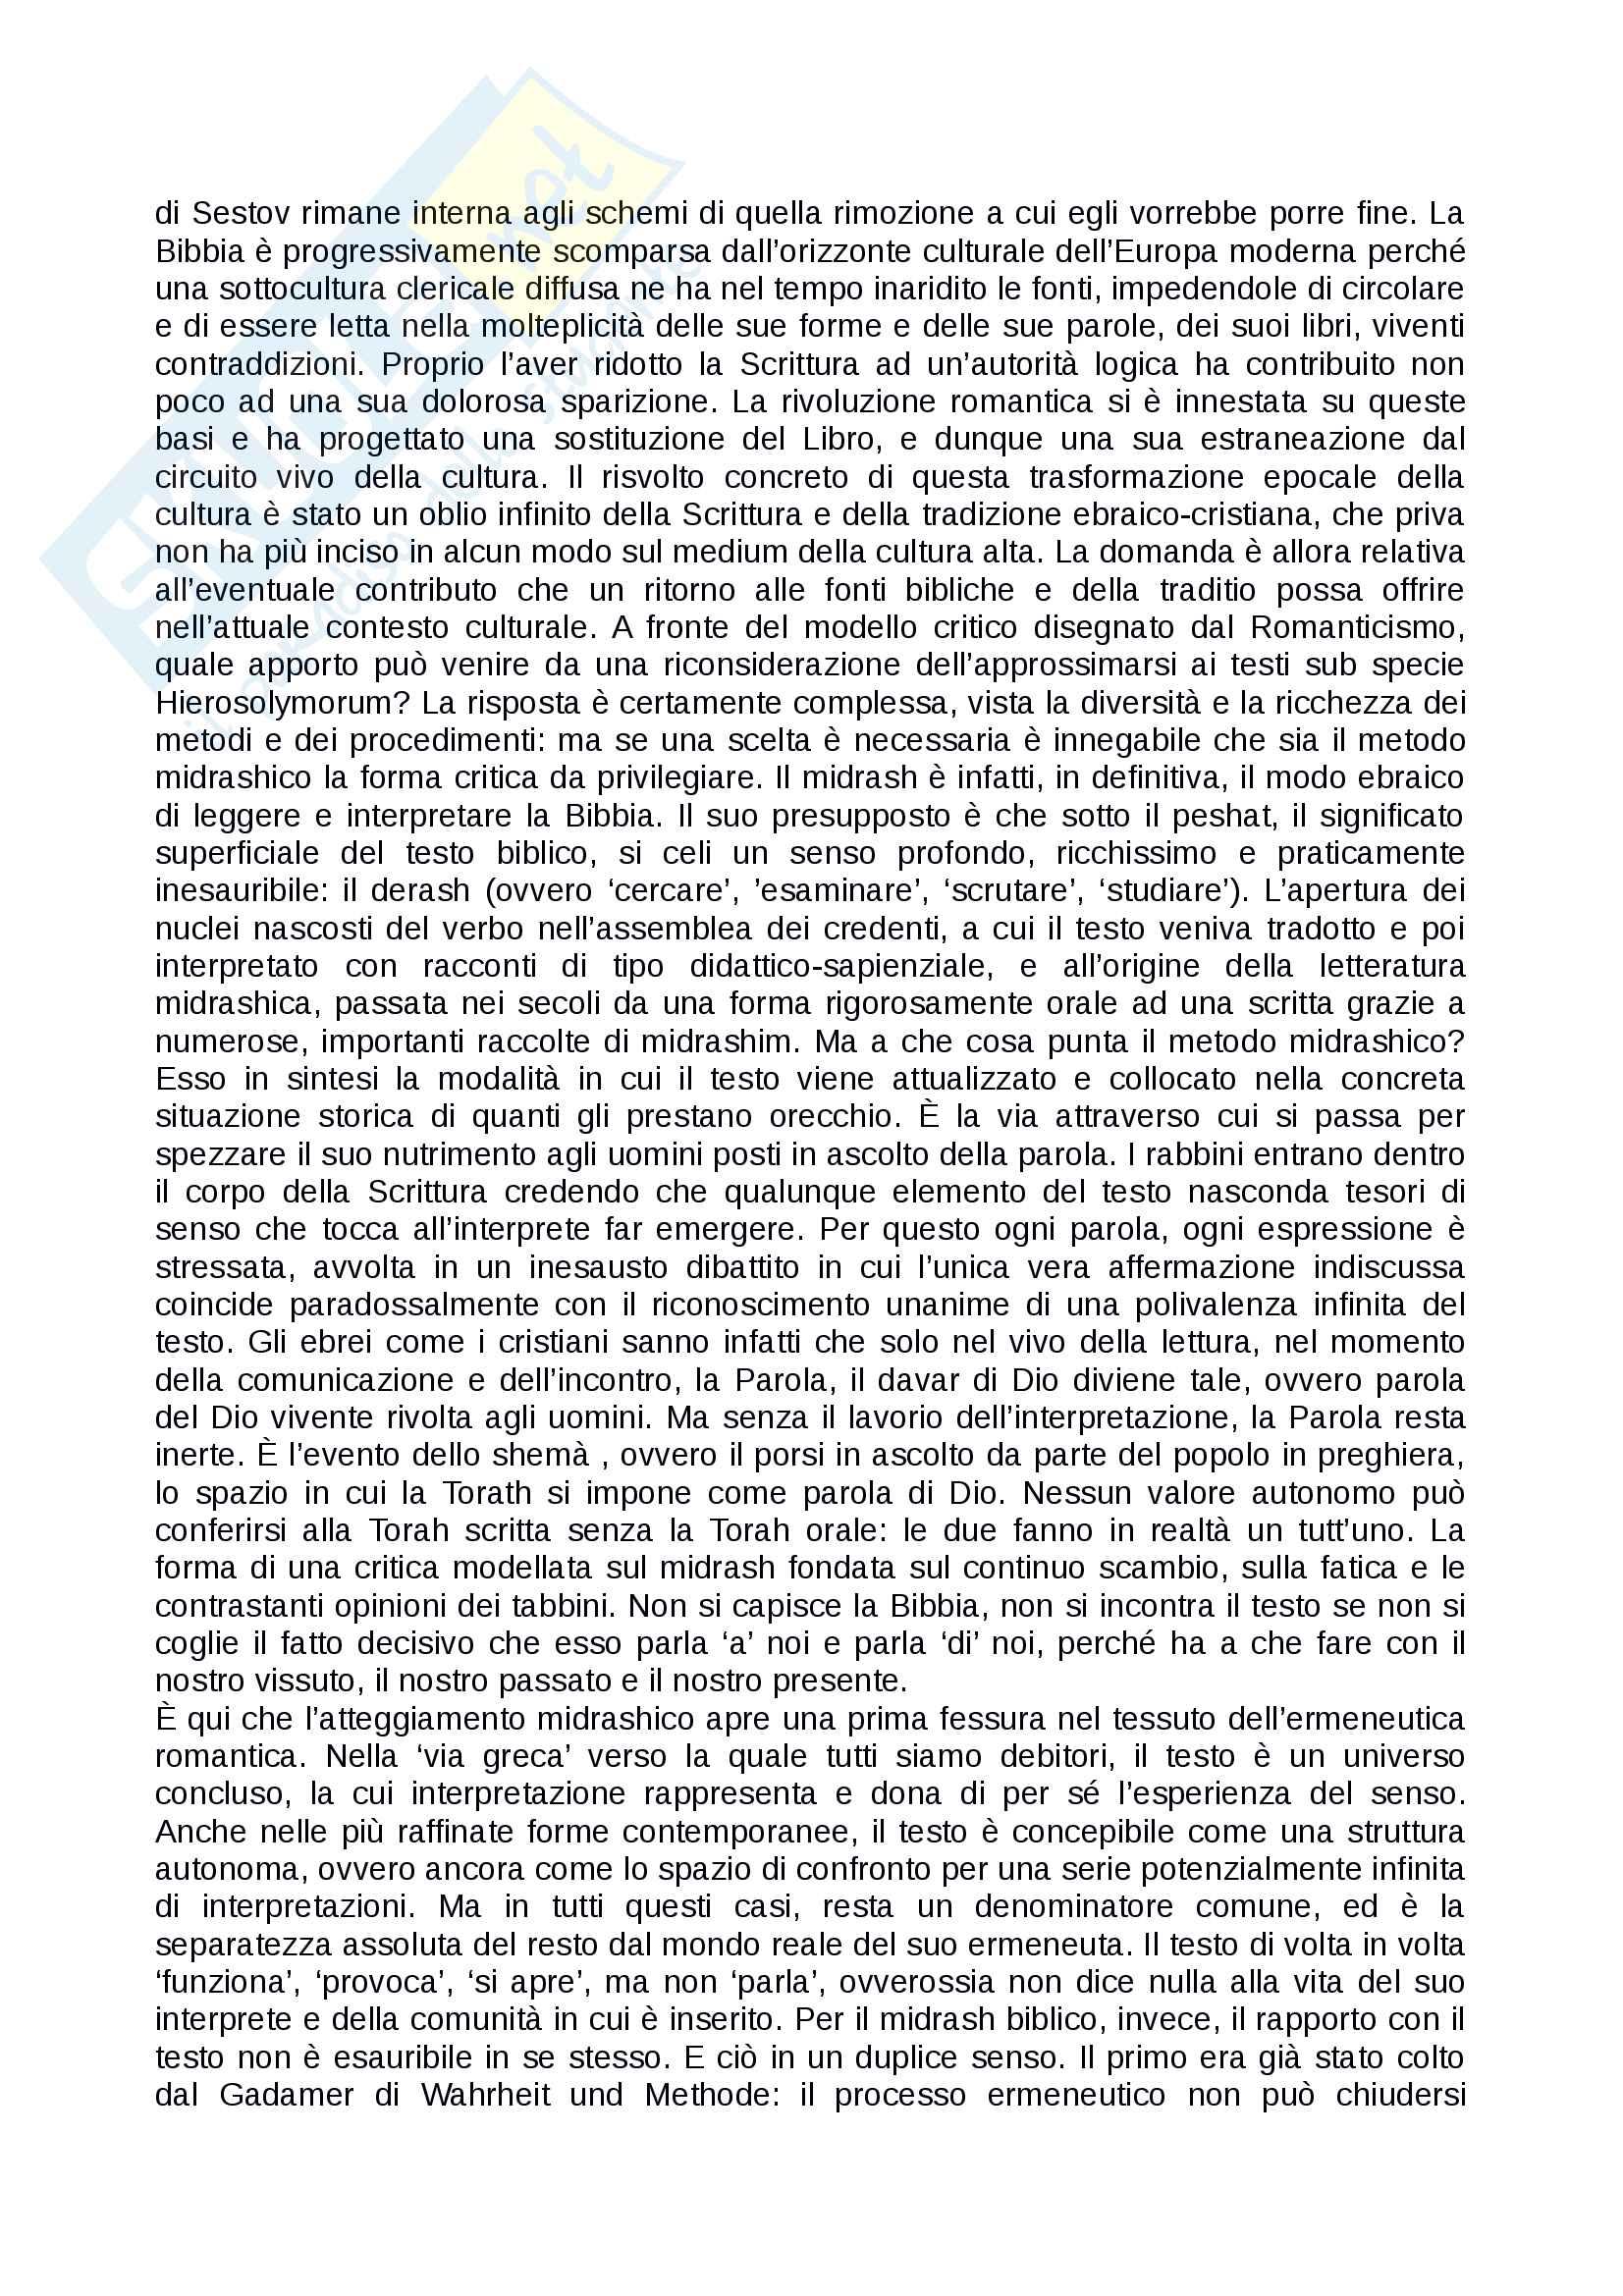 Riassunto esame ermeneutica, docente Sichera, testo consigliato: Ceux qui cherchent en g missant Crepuscolo e nascondimento di Dio nella scrittura letteraria Pag. 6